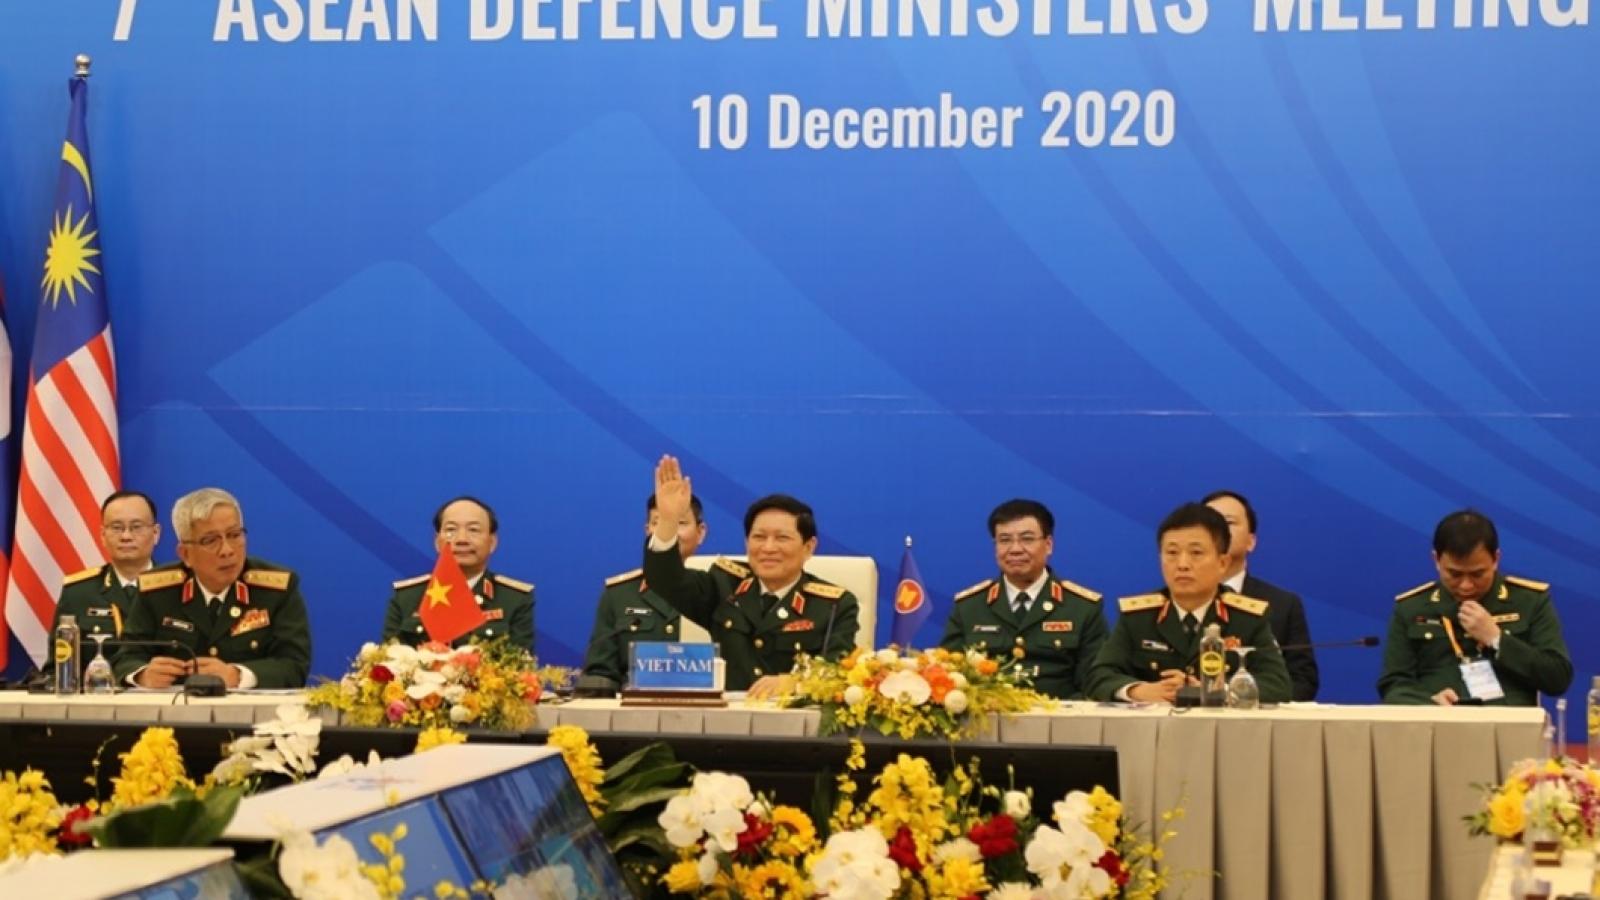 Khai mạc Hội nghị Bộ trưởng Quốc phòng ASEAN mở rộng